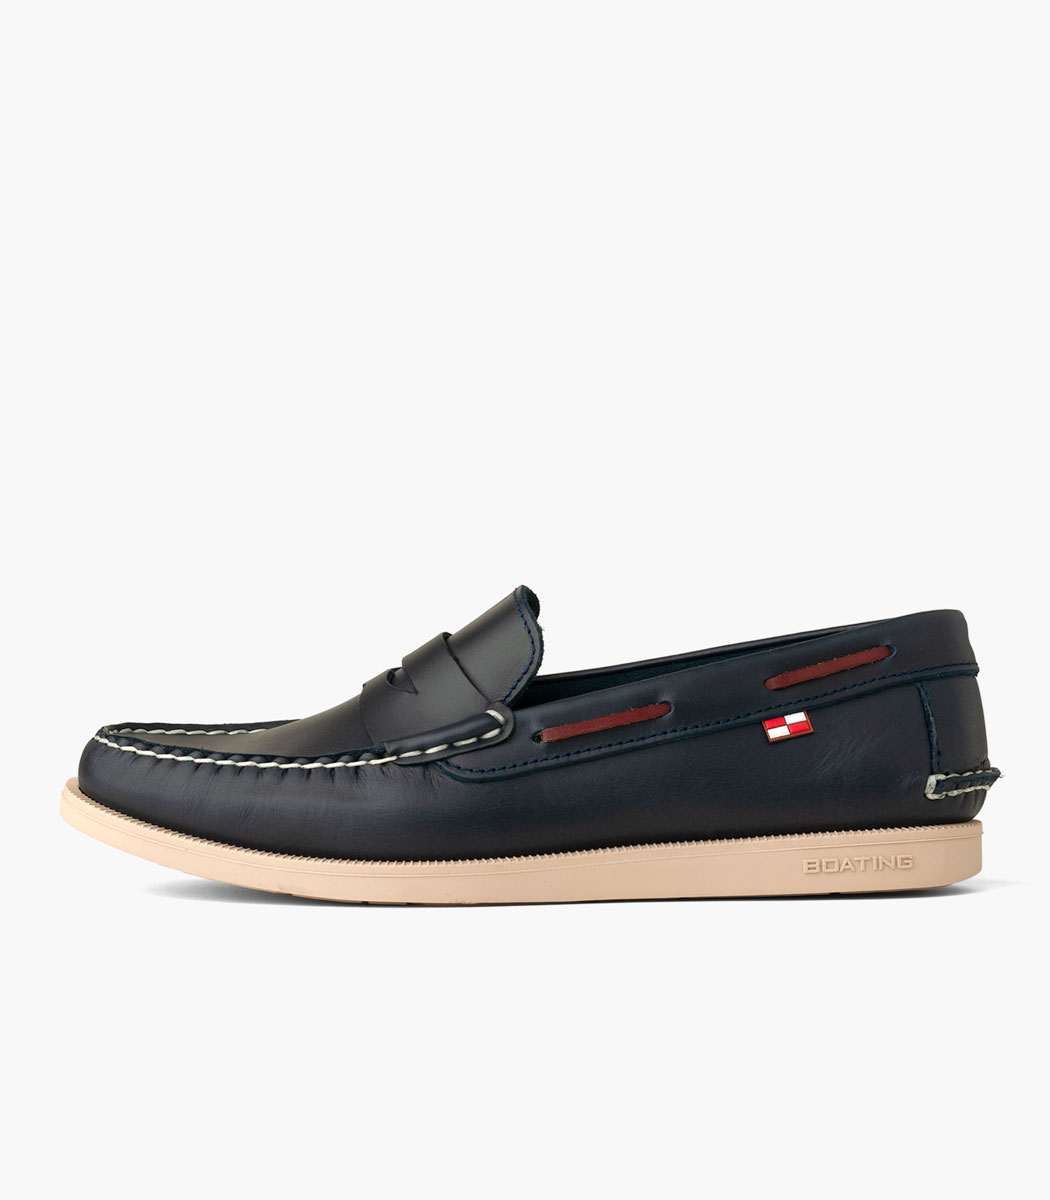 Zapato Náutico mocasín vincha Hombre Boating New Harbour